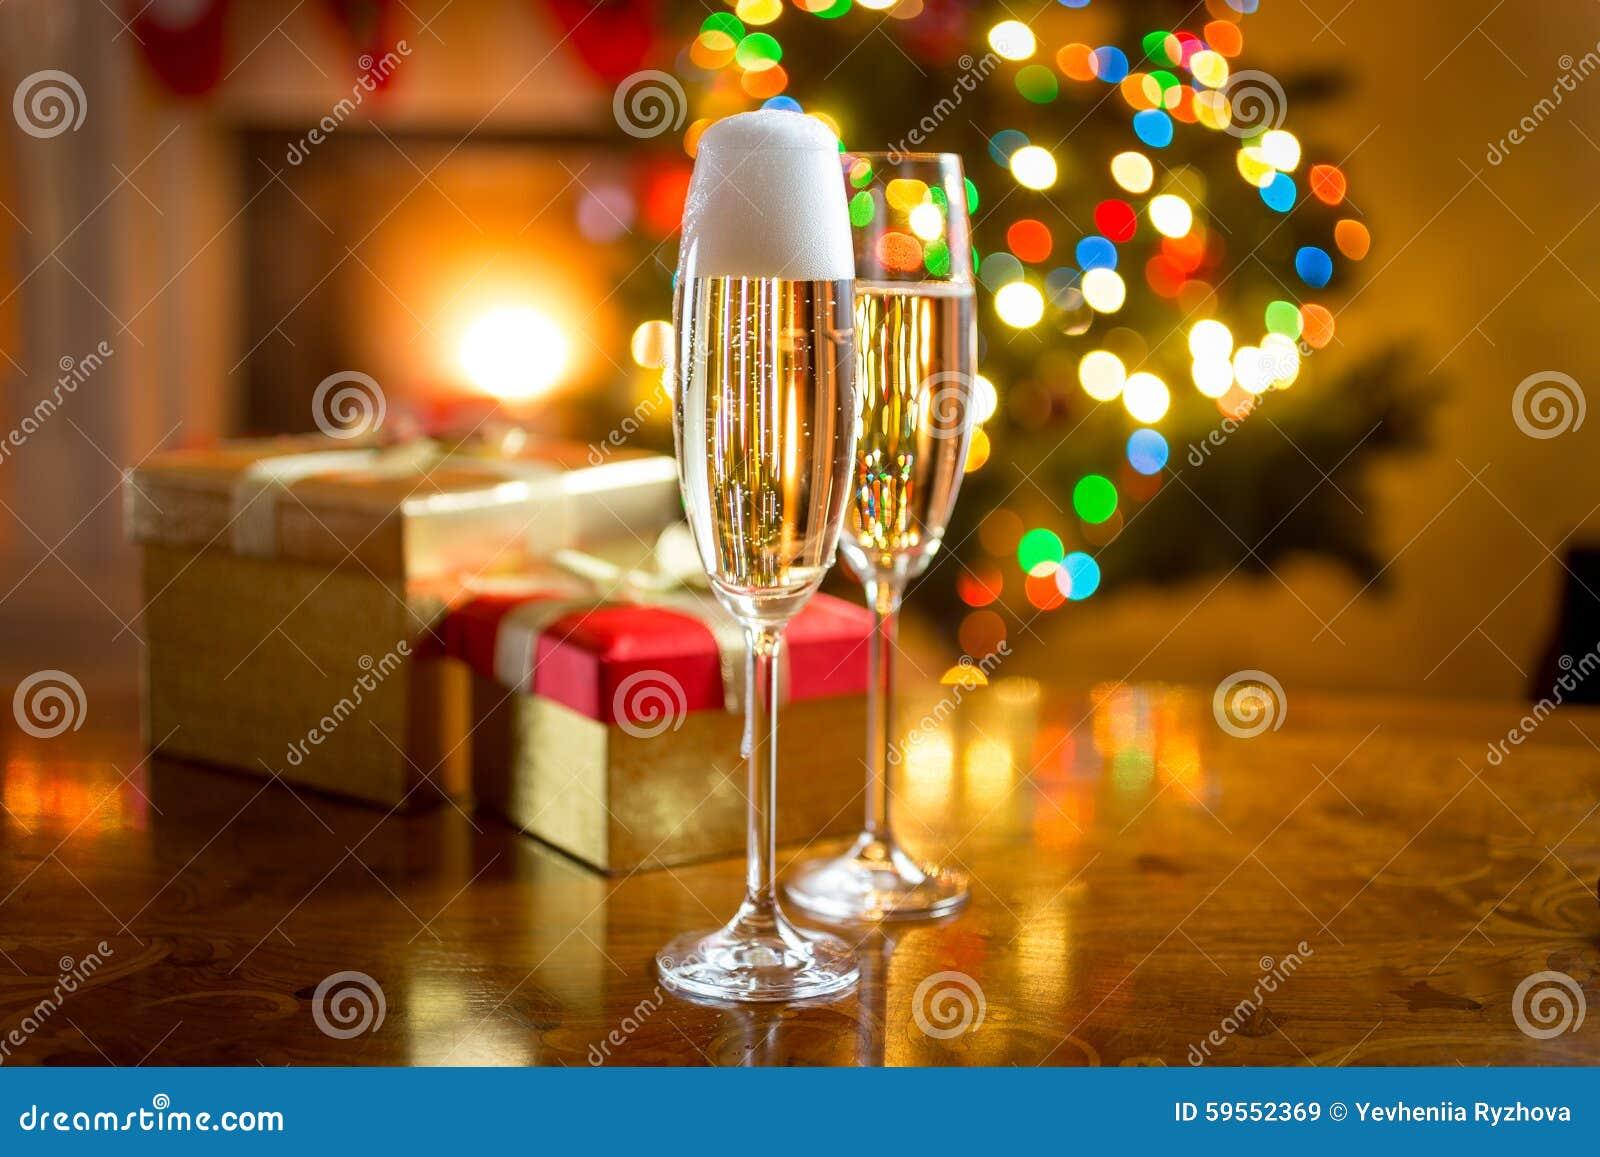 反对为圣诞节装饰的壁炉的两块香槟玻璃